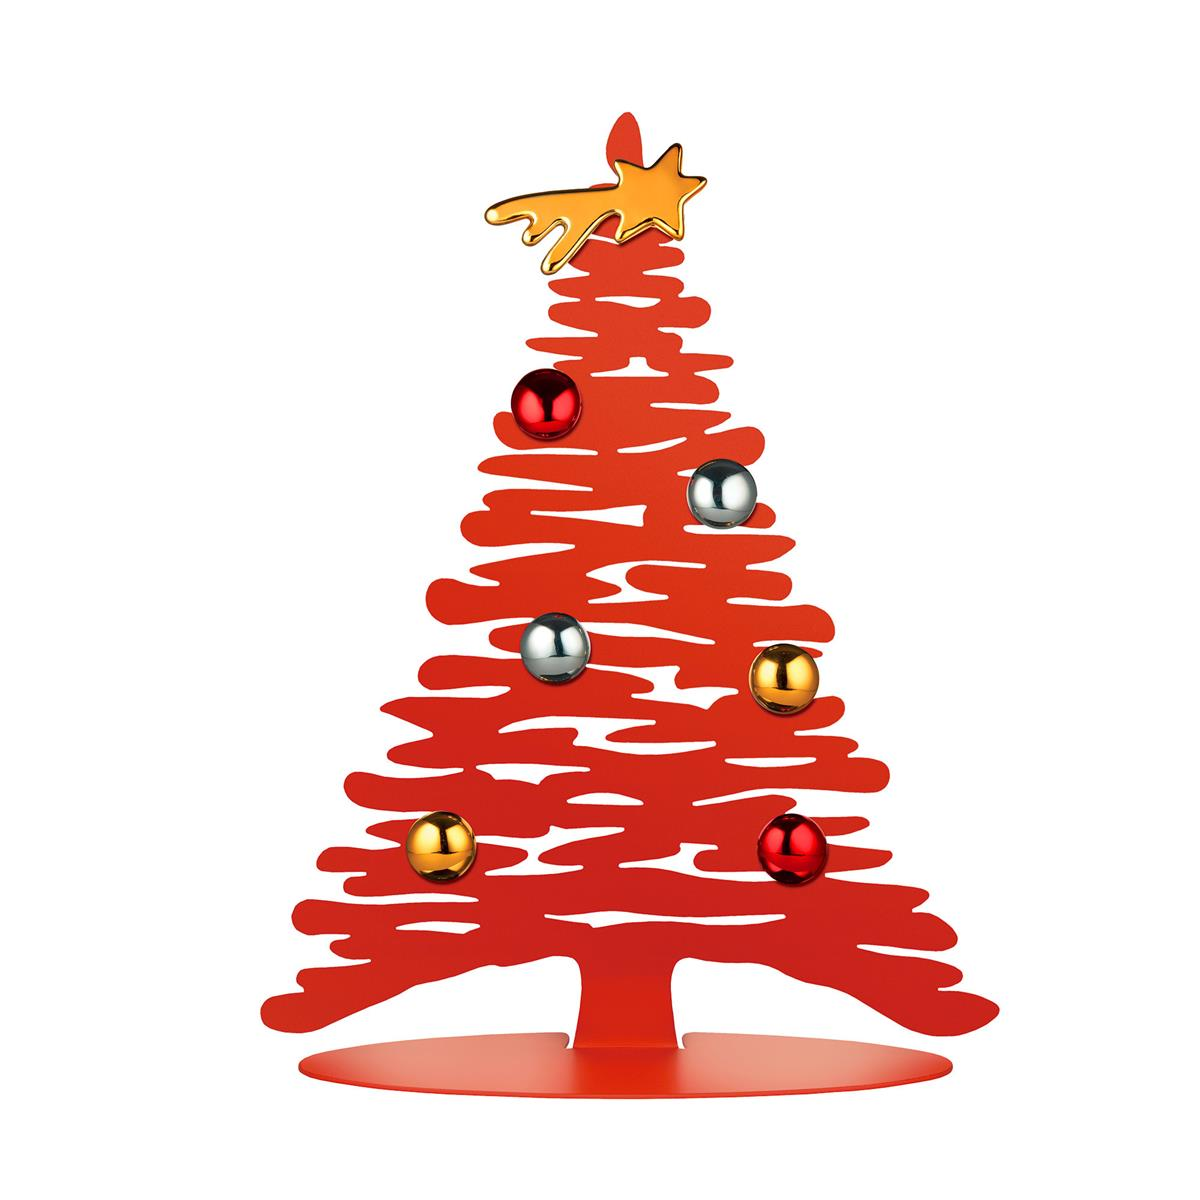 Alessi-Bark für Weihnachten Weihnachtsdekoration aus farbigem Stahl und Harz, rot mit Porzellanmagne